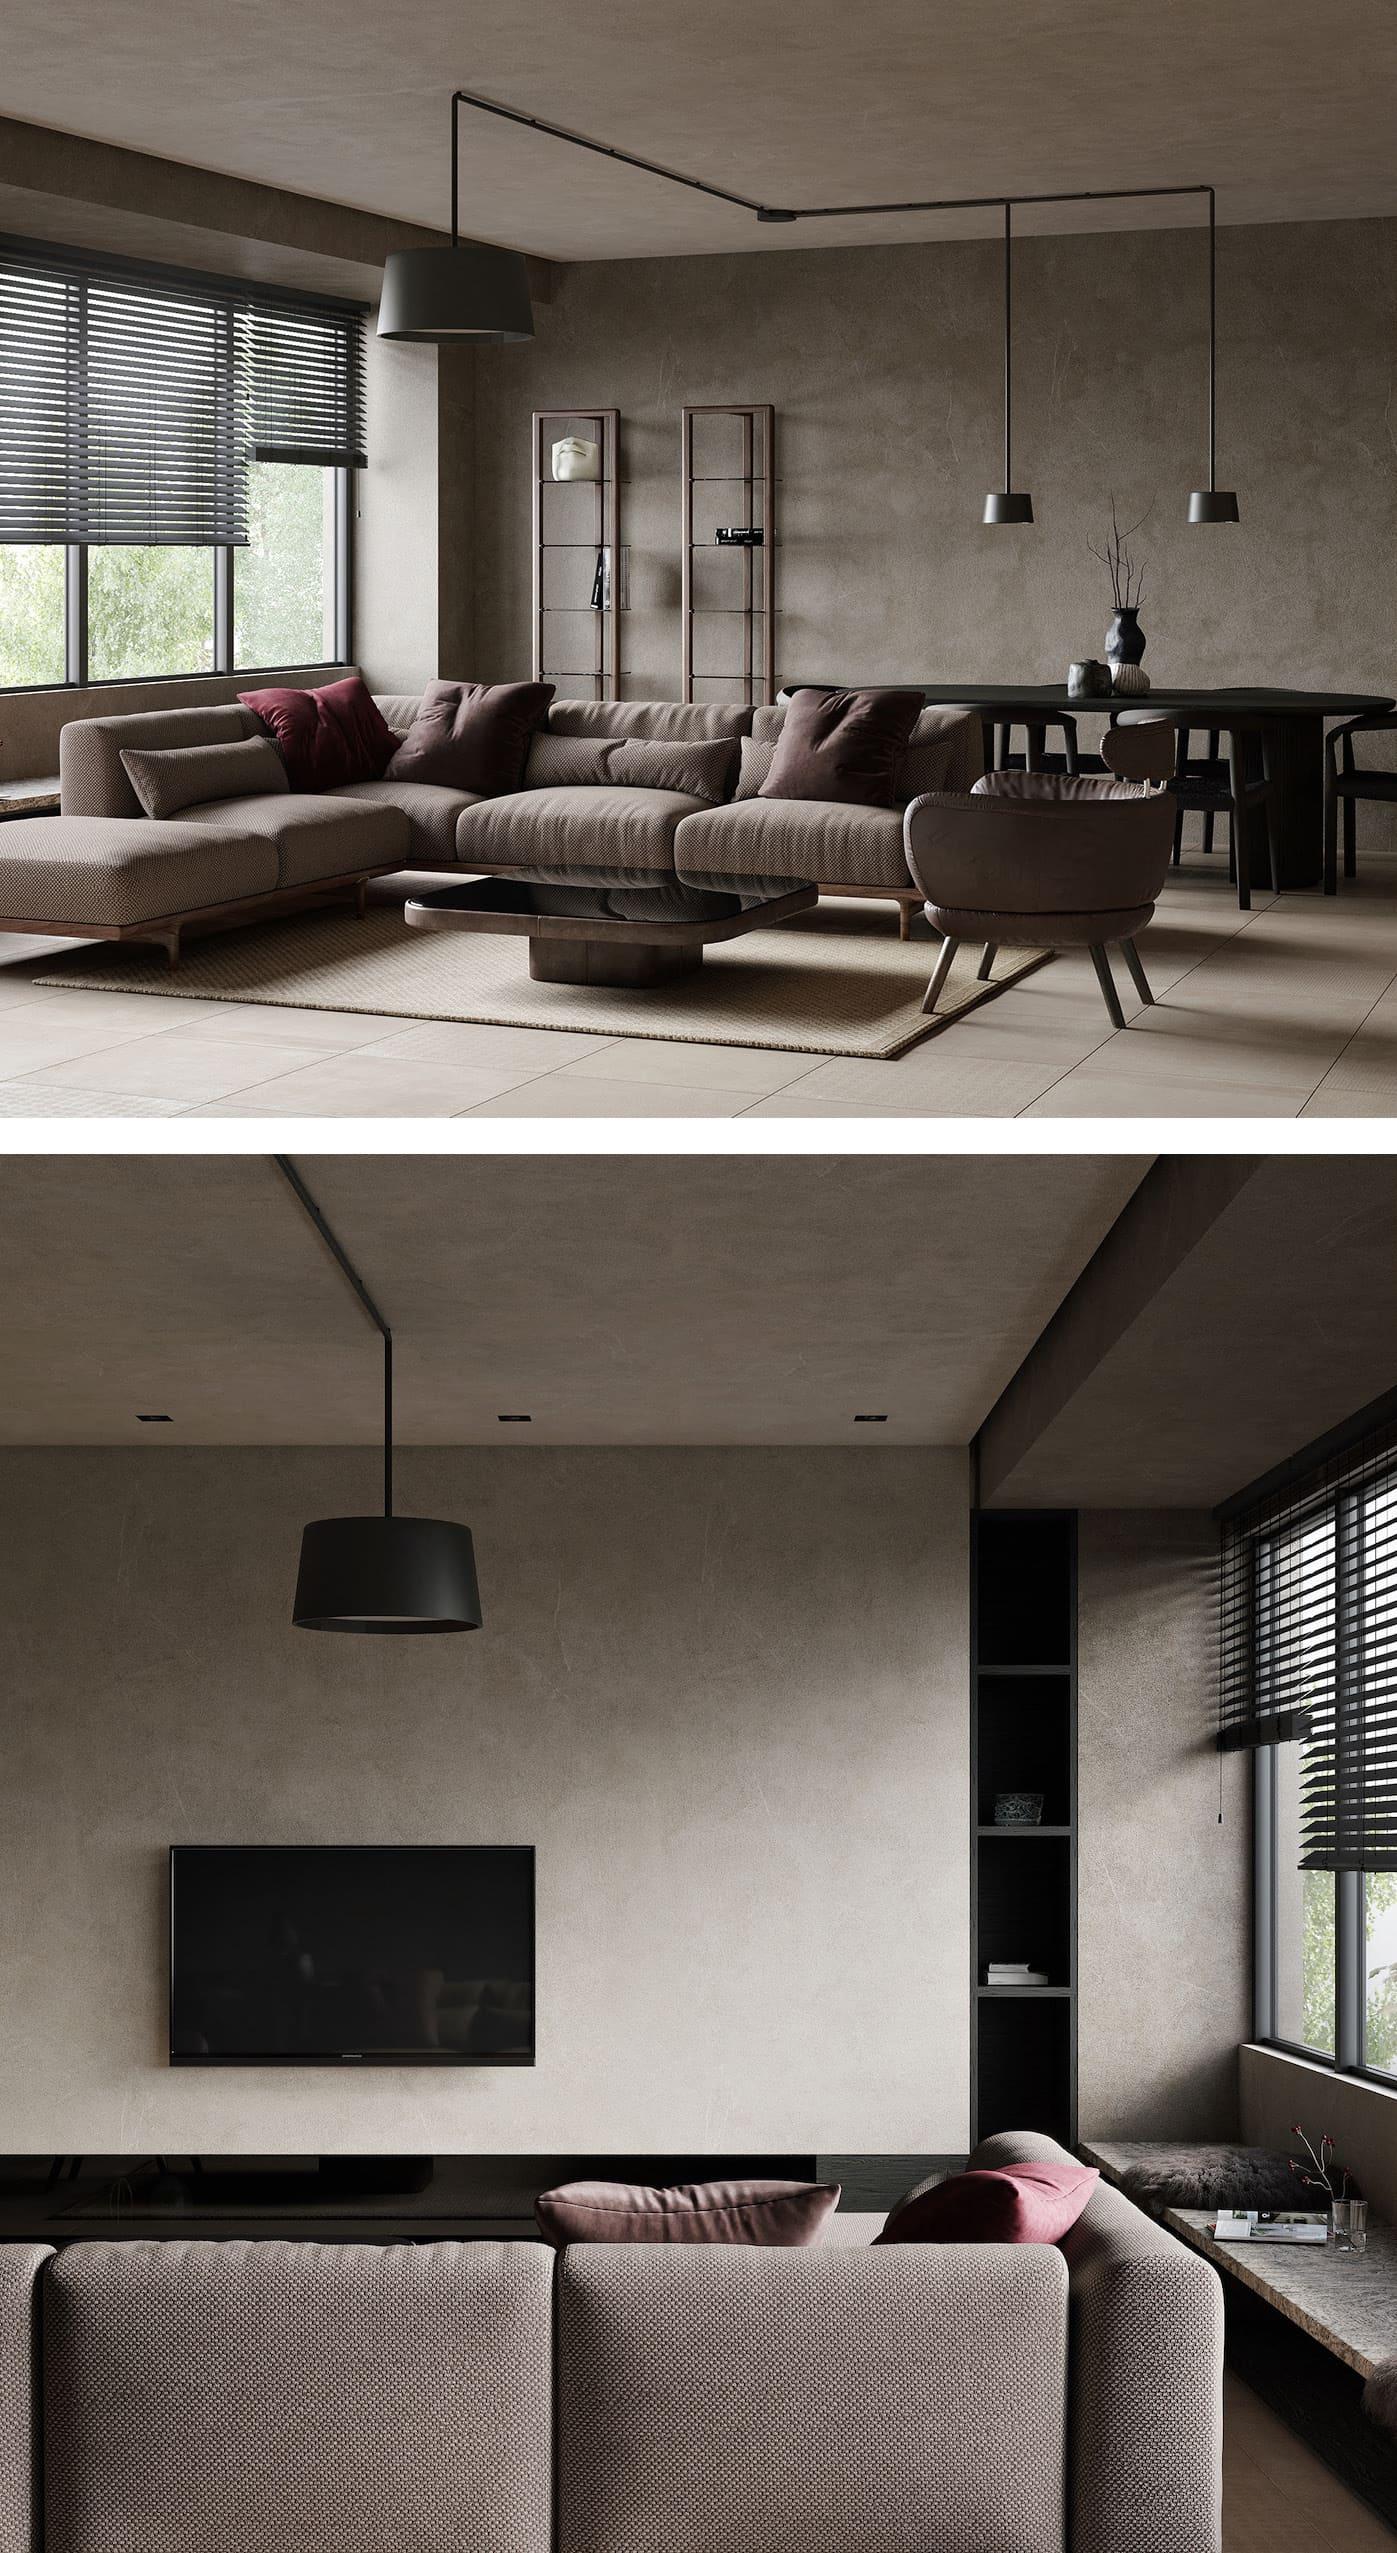 conception d'un appartement d'une pièce photo 4